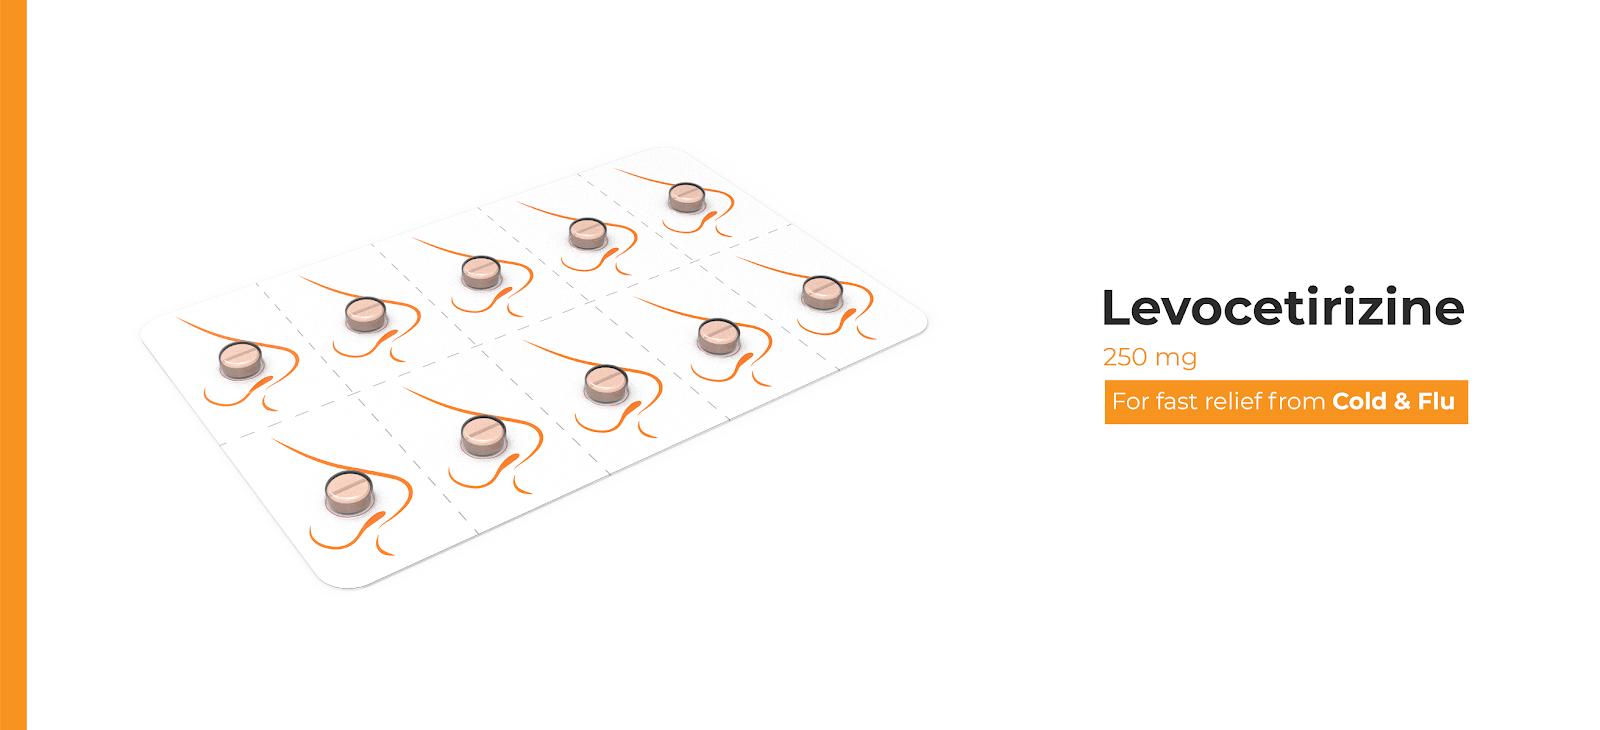 Συσκευασία Levocetirizien που σχεδιάστηκε από την Sim-Pill